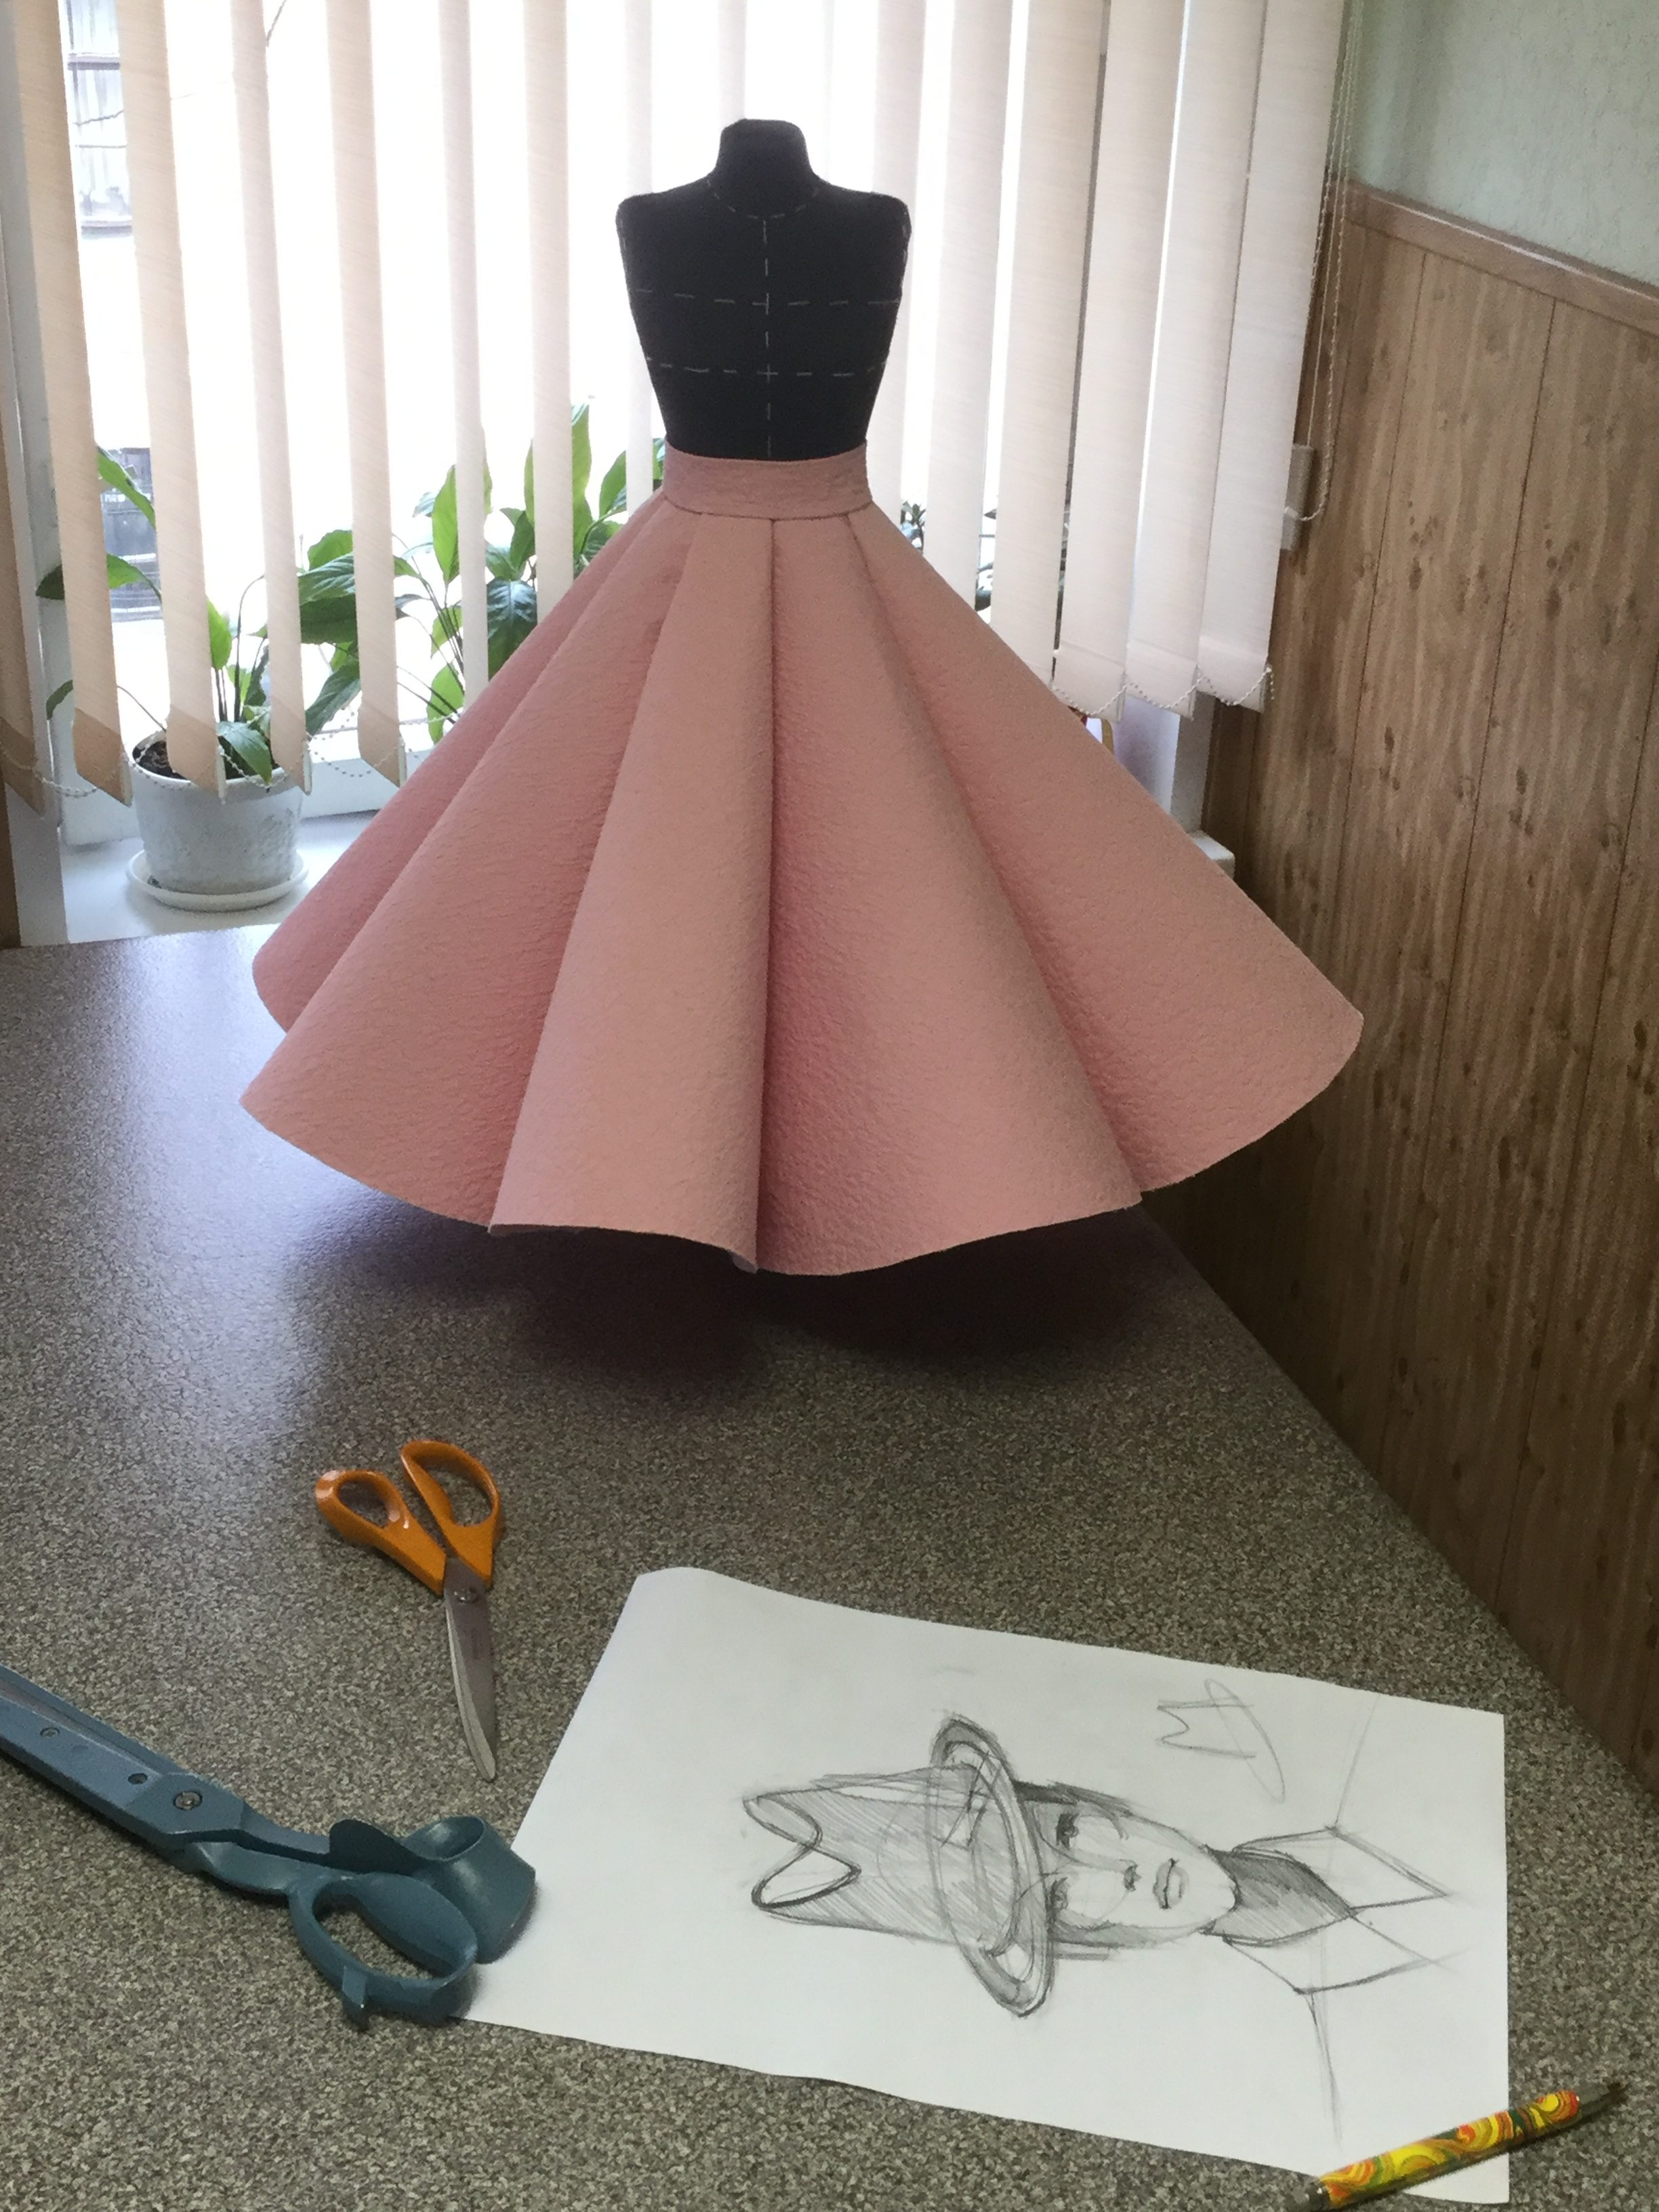 Шить юбку солнце, Школа дизайнерского мастерства, юбка солнце